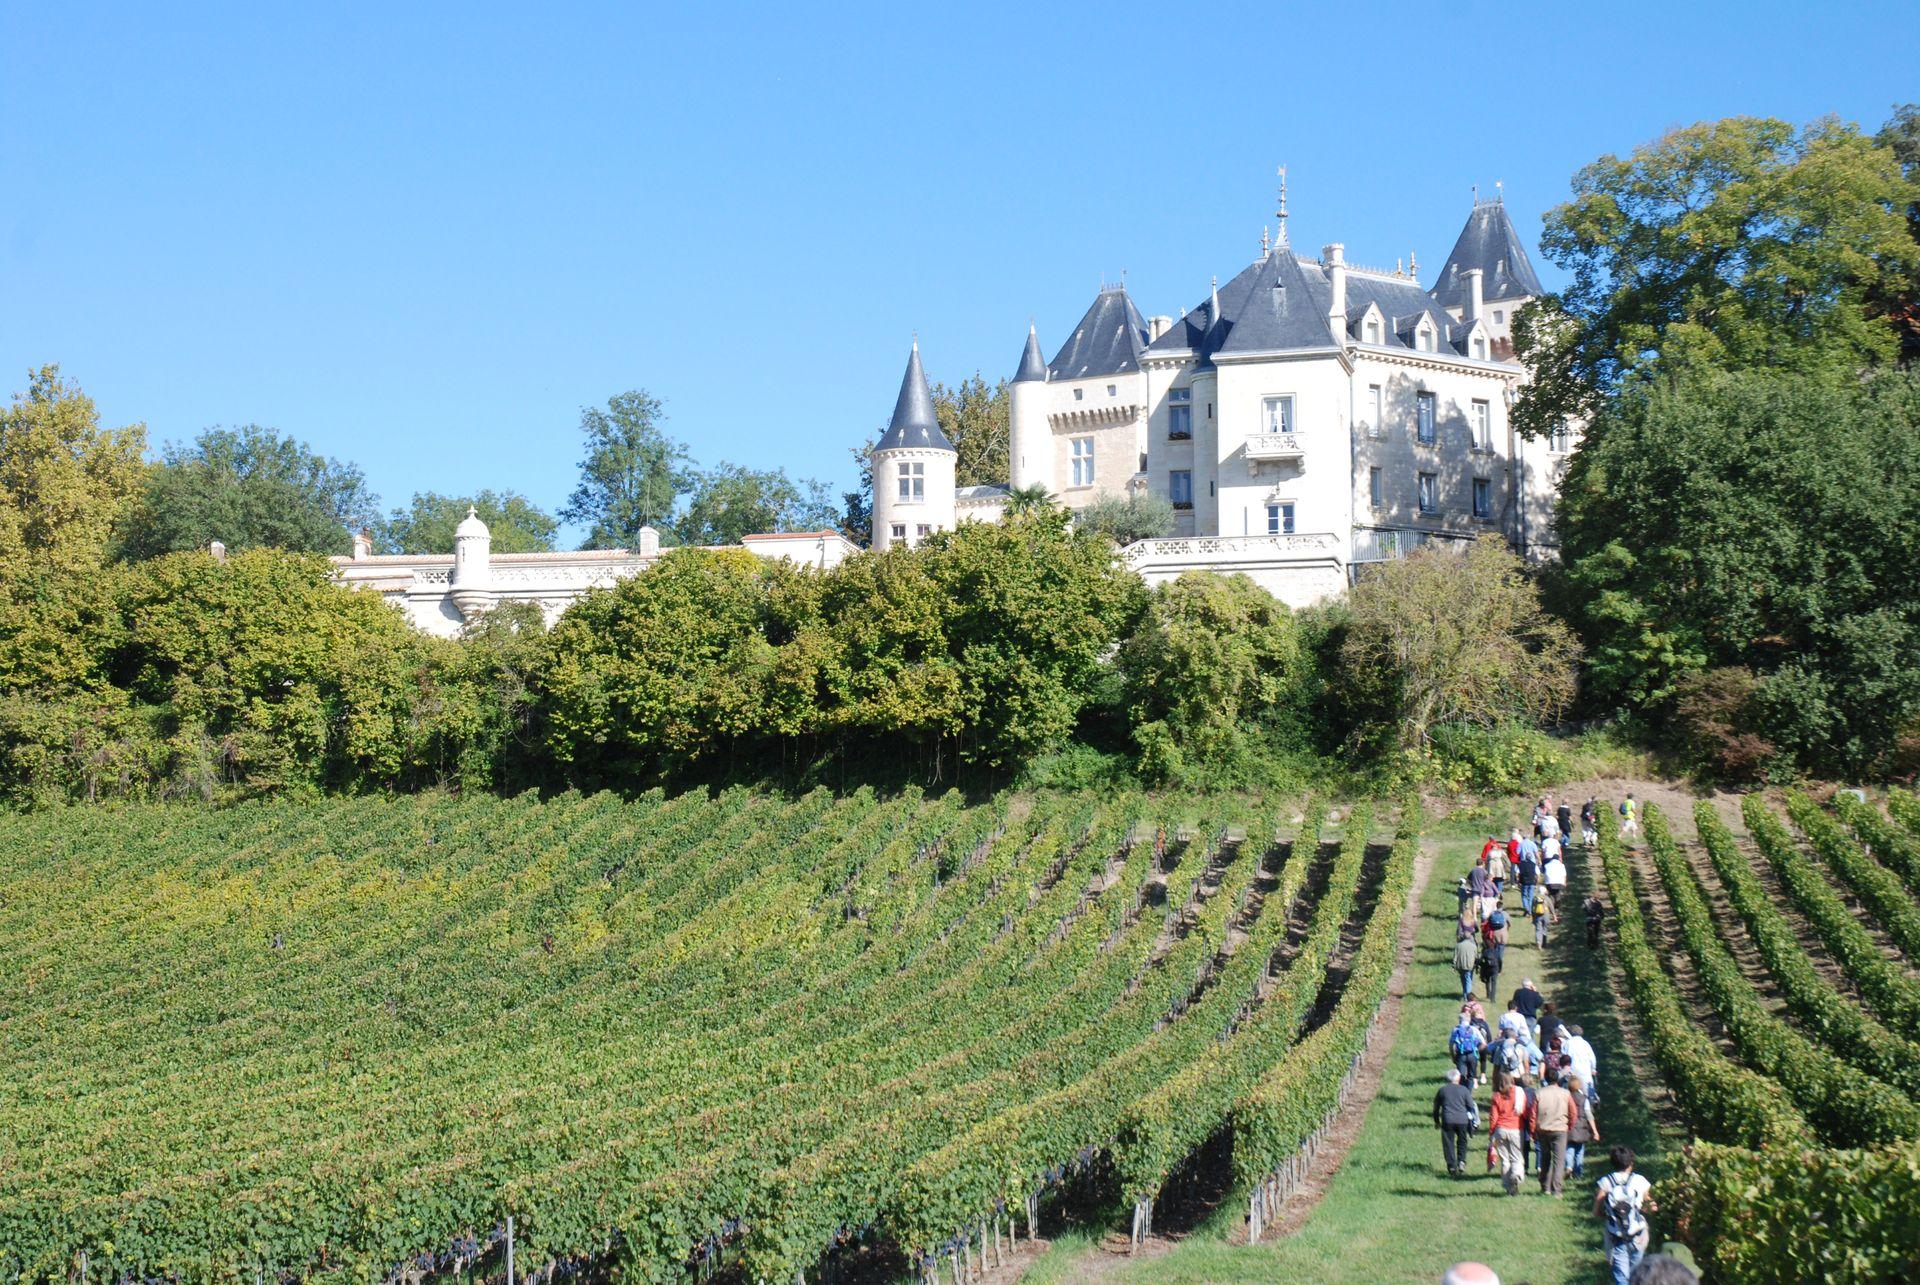 La Ronde des Vignobles en Fronsadais Saint-Germain-de-la-Rivière   2021-06-12